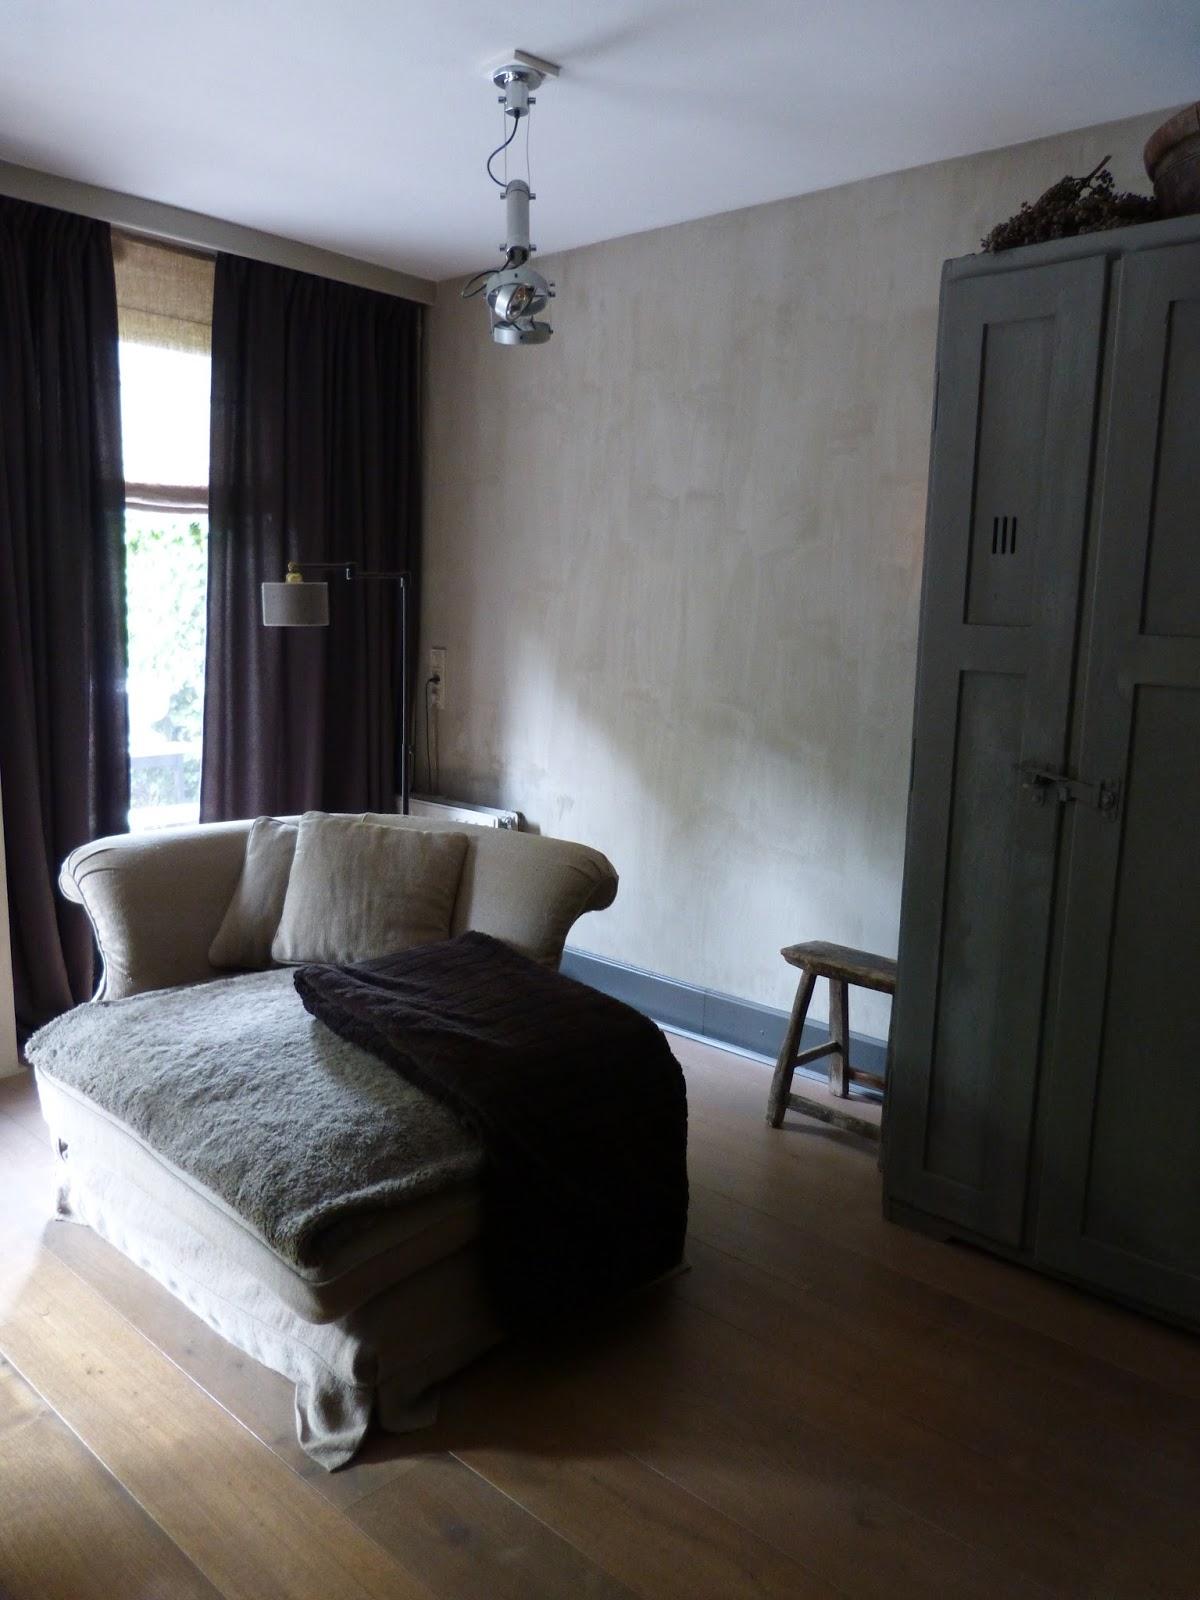 Slaapkamers kleur - Kleur schilderij slaapkamer volwassenen ...